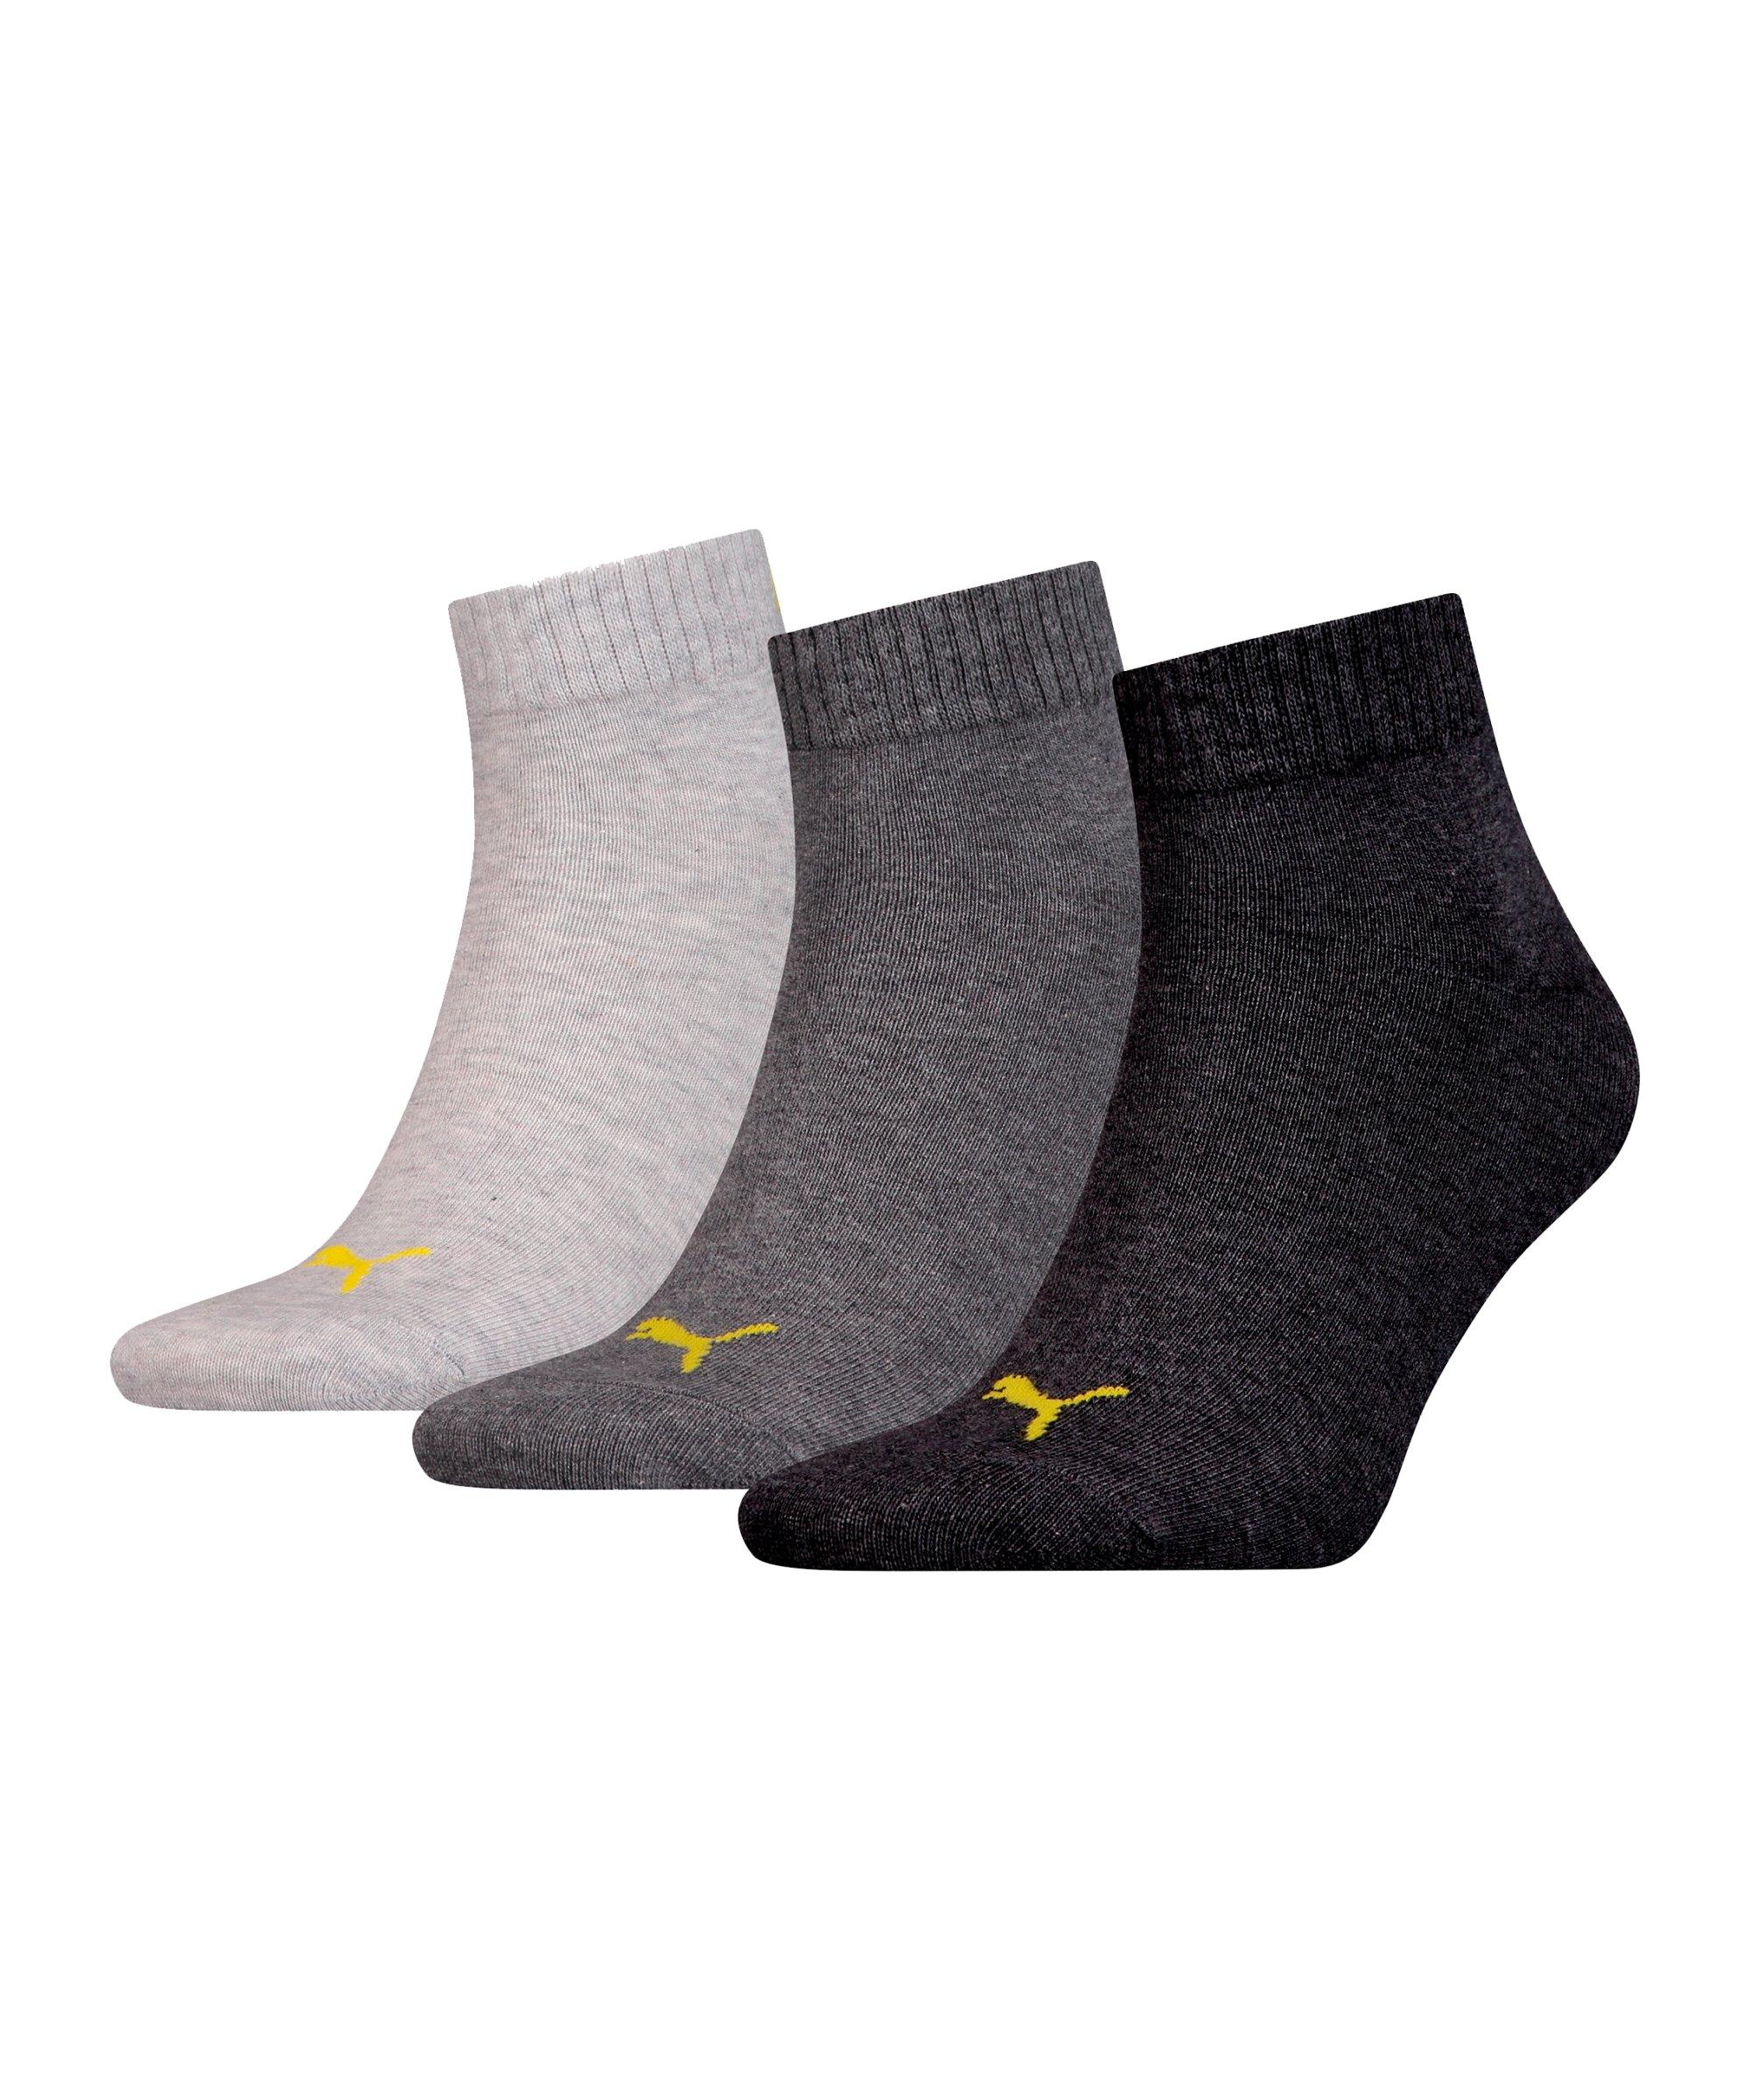 PUMA X Dortmund 3er Pack Quarter Socken Grau F02 - grau